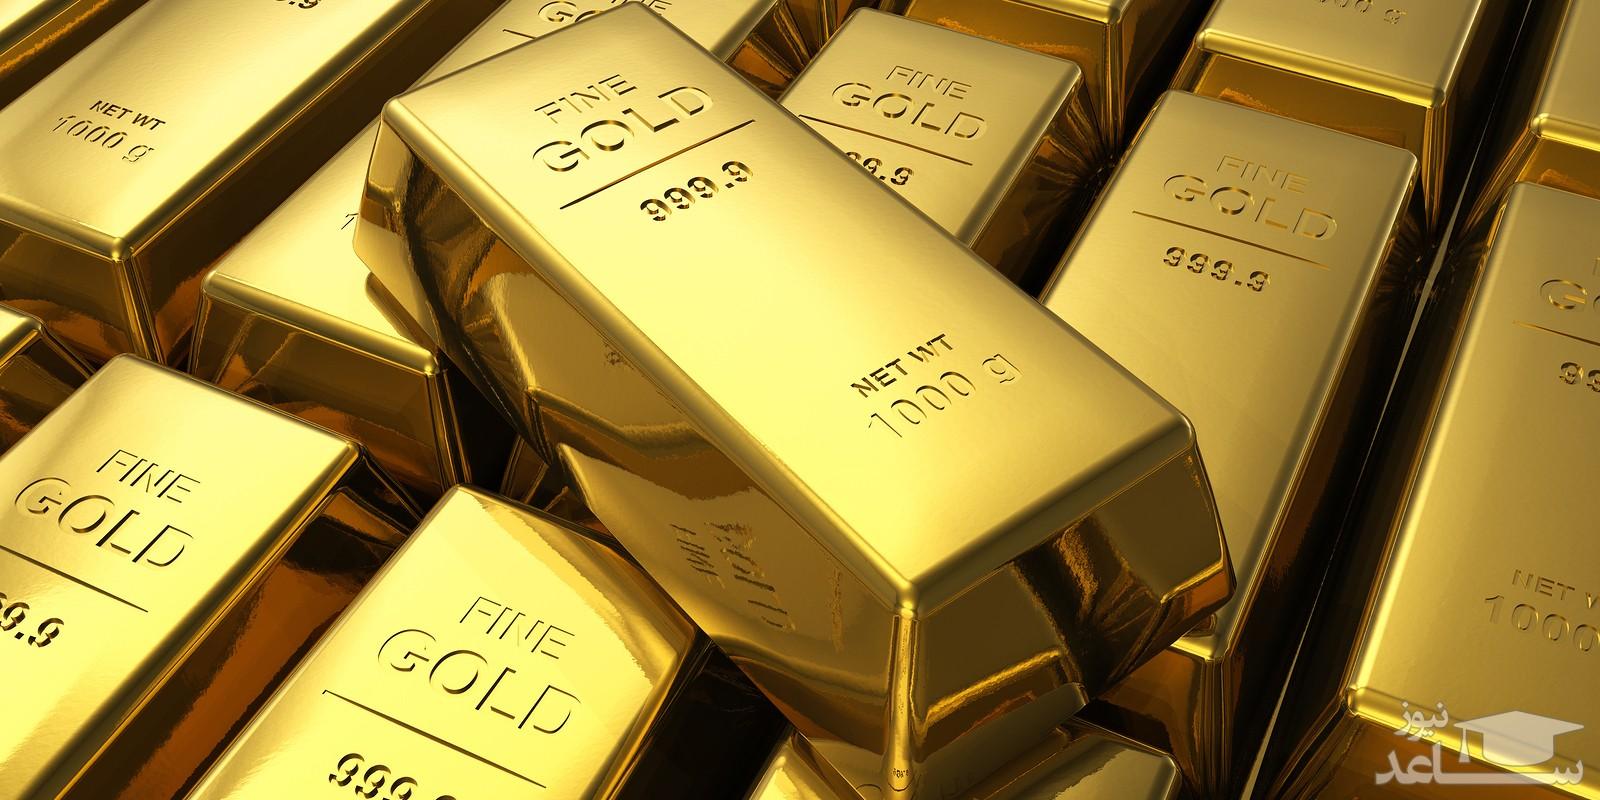 منظور از صندوق طلا در بورس چیست؟